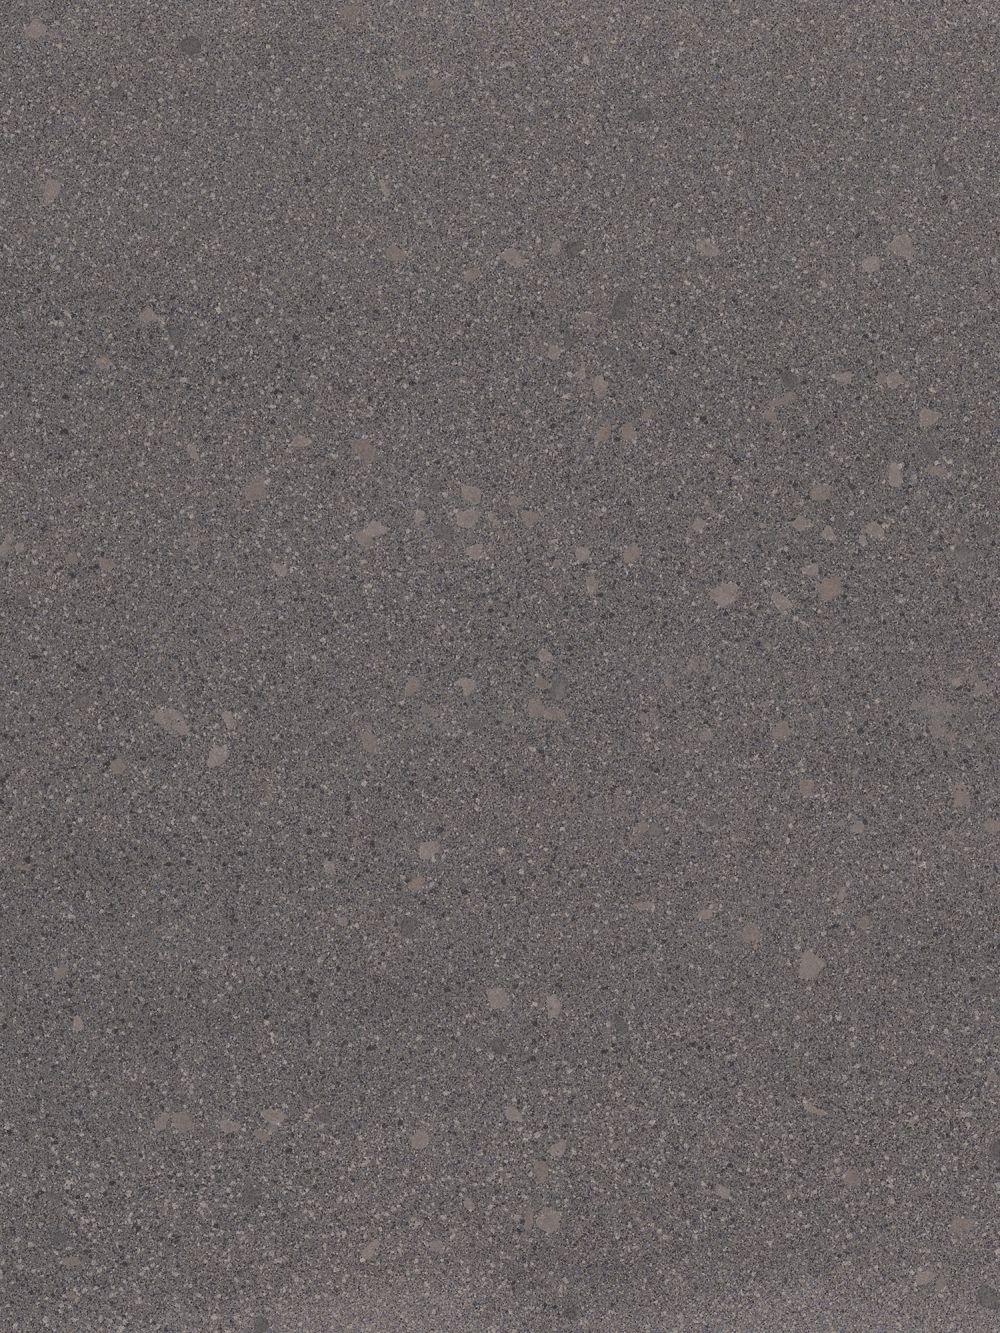 Porcelain tile | 16 x 12 inch | | 5110 V 040030 » Mosa. Tegels.